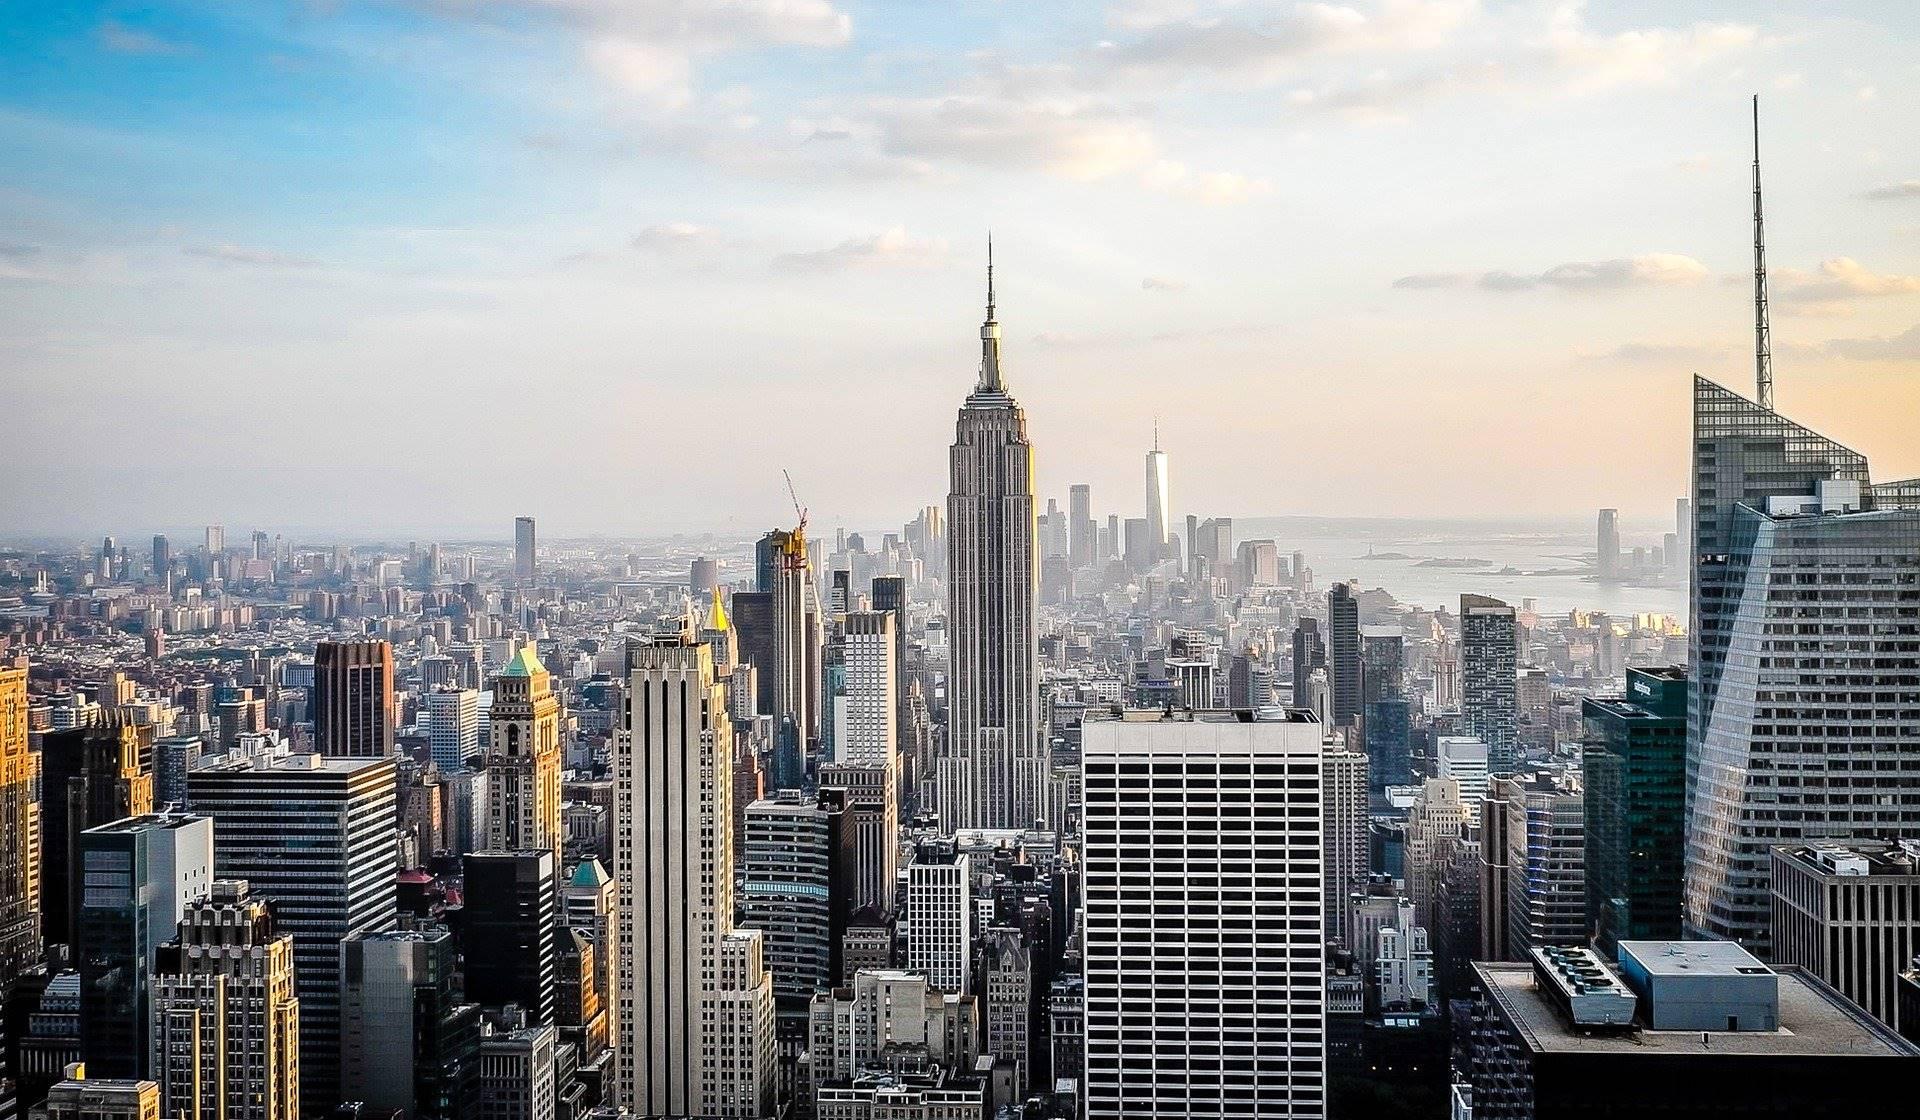 La trilogía de Nueva York de Paul Auster: La ciudad de cristal